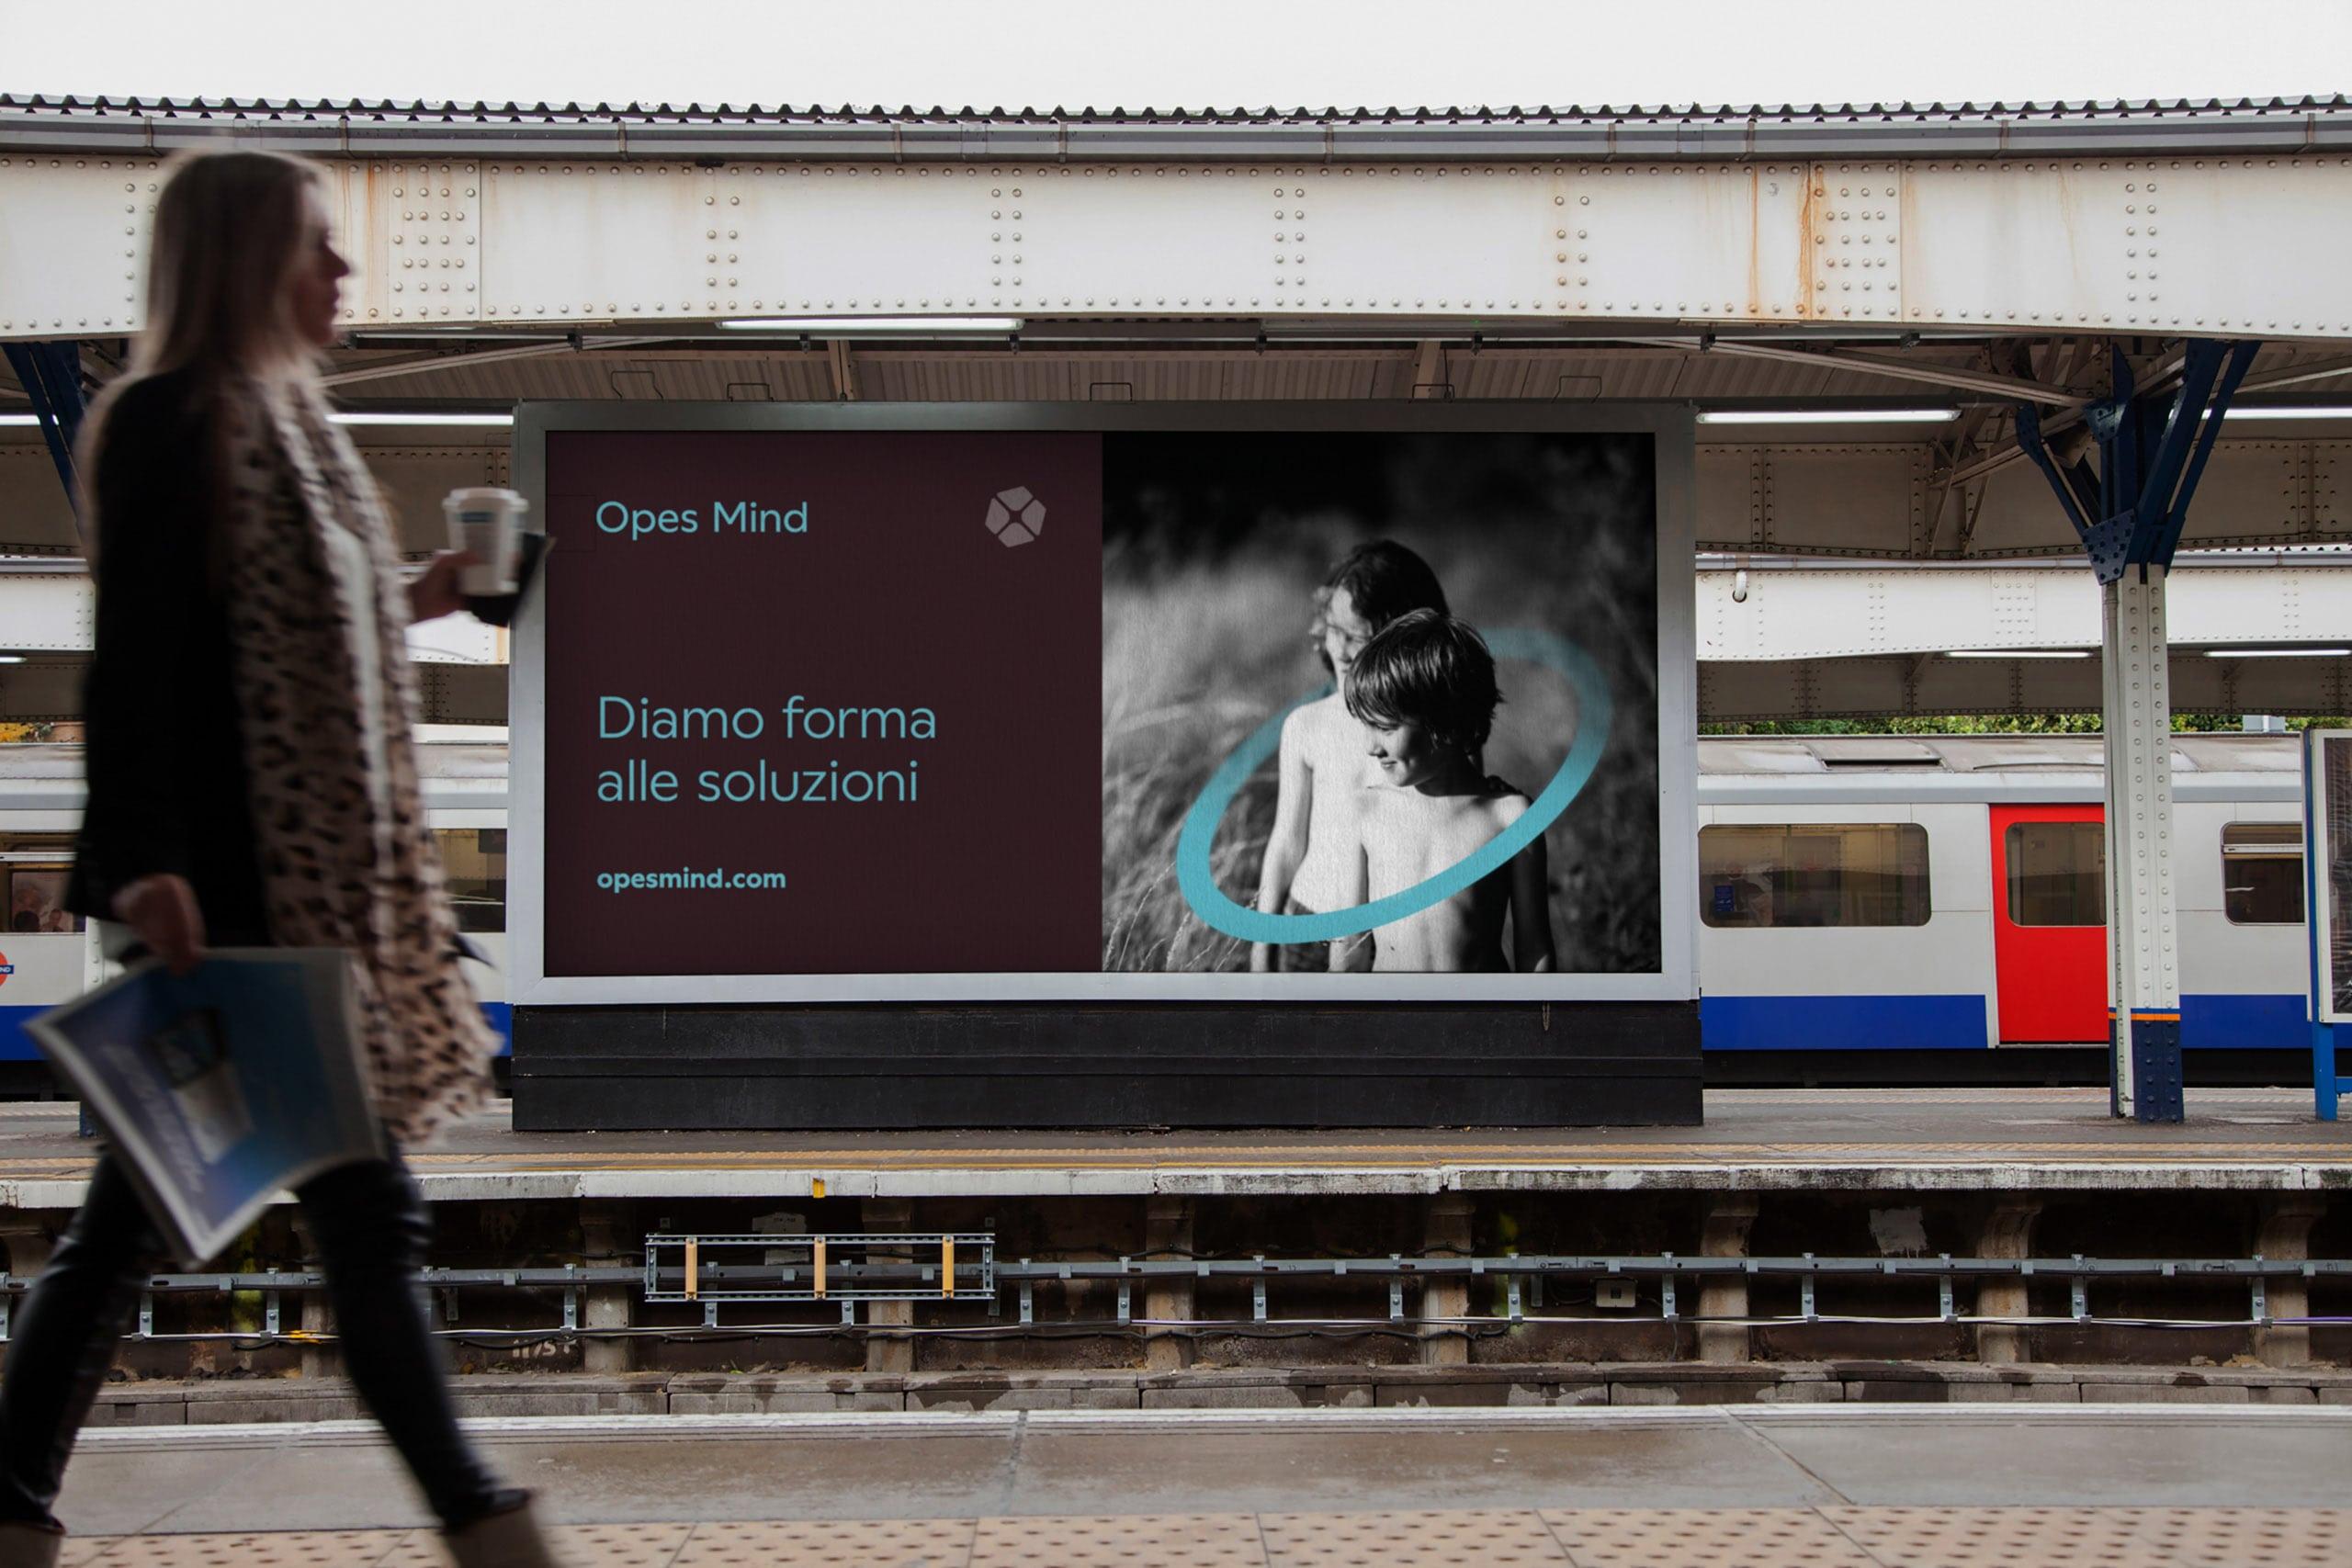 Opes Mind Billboard